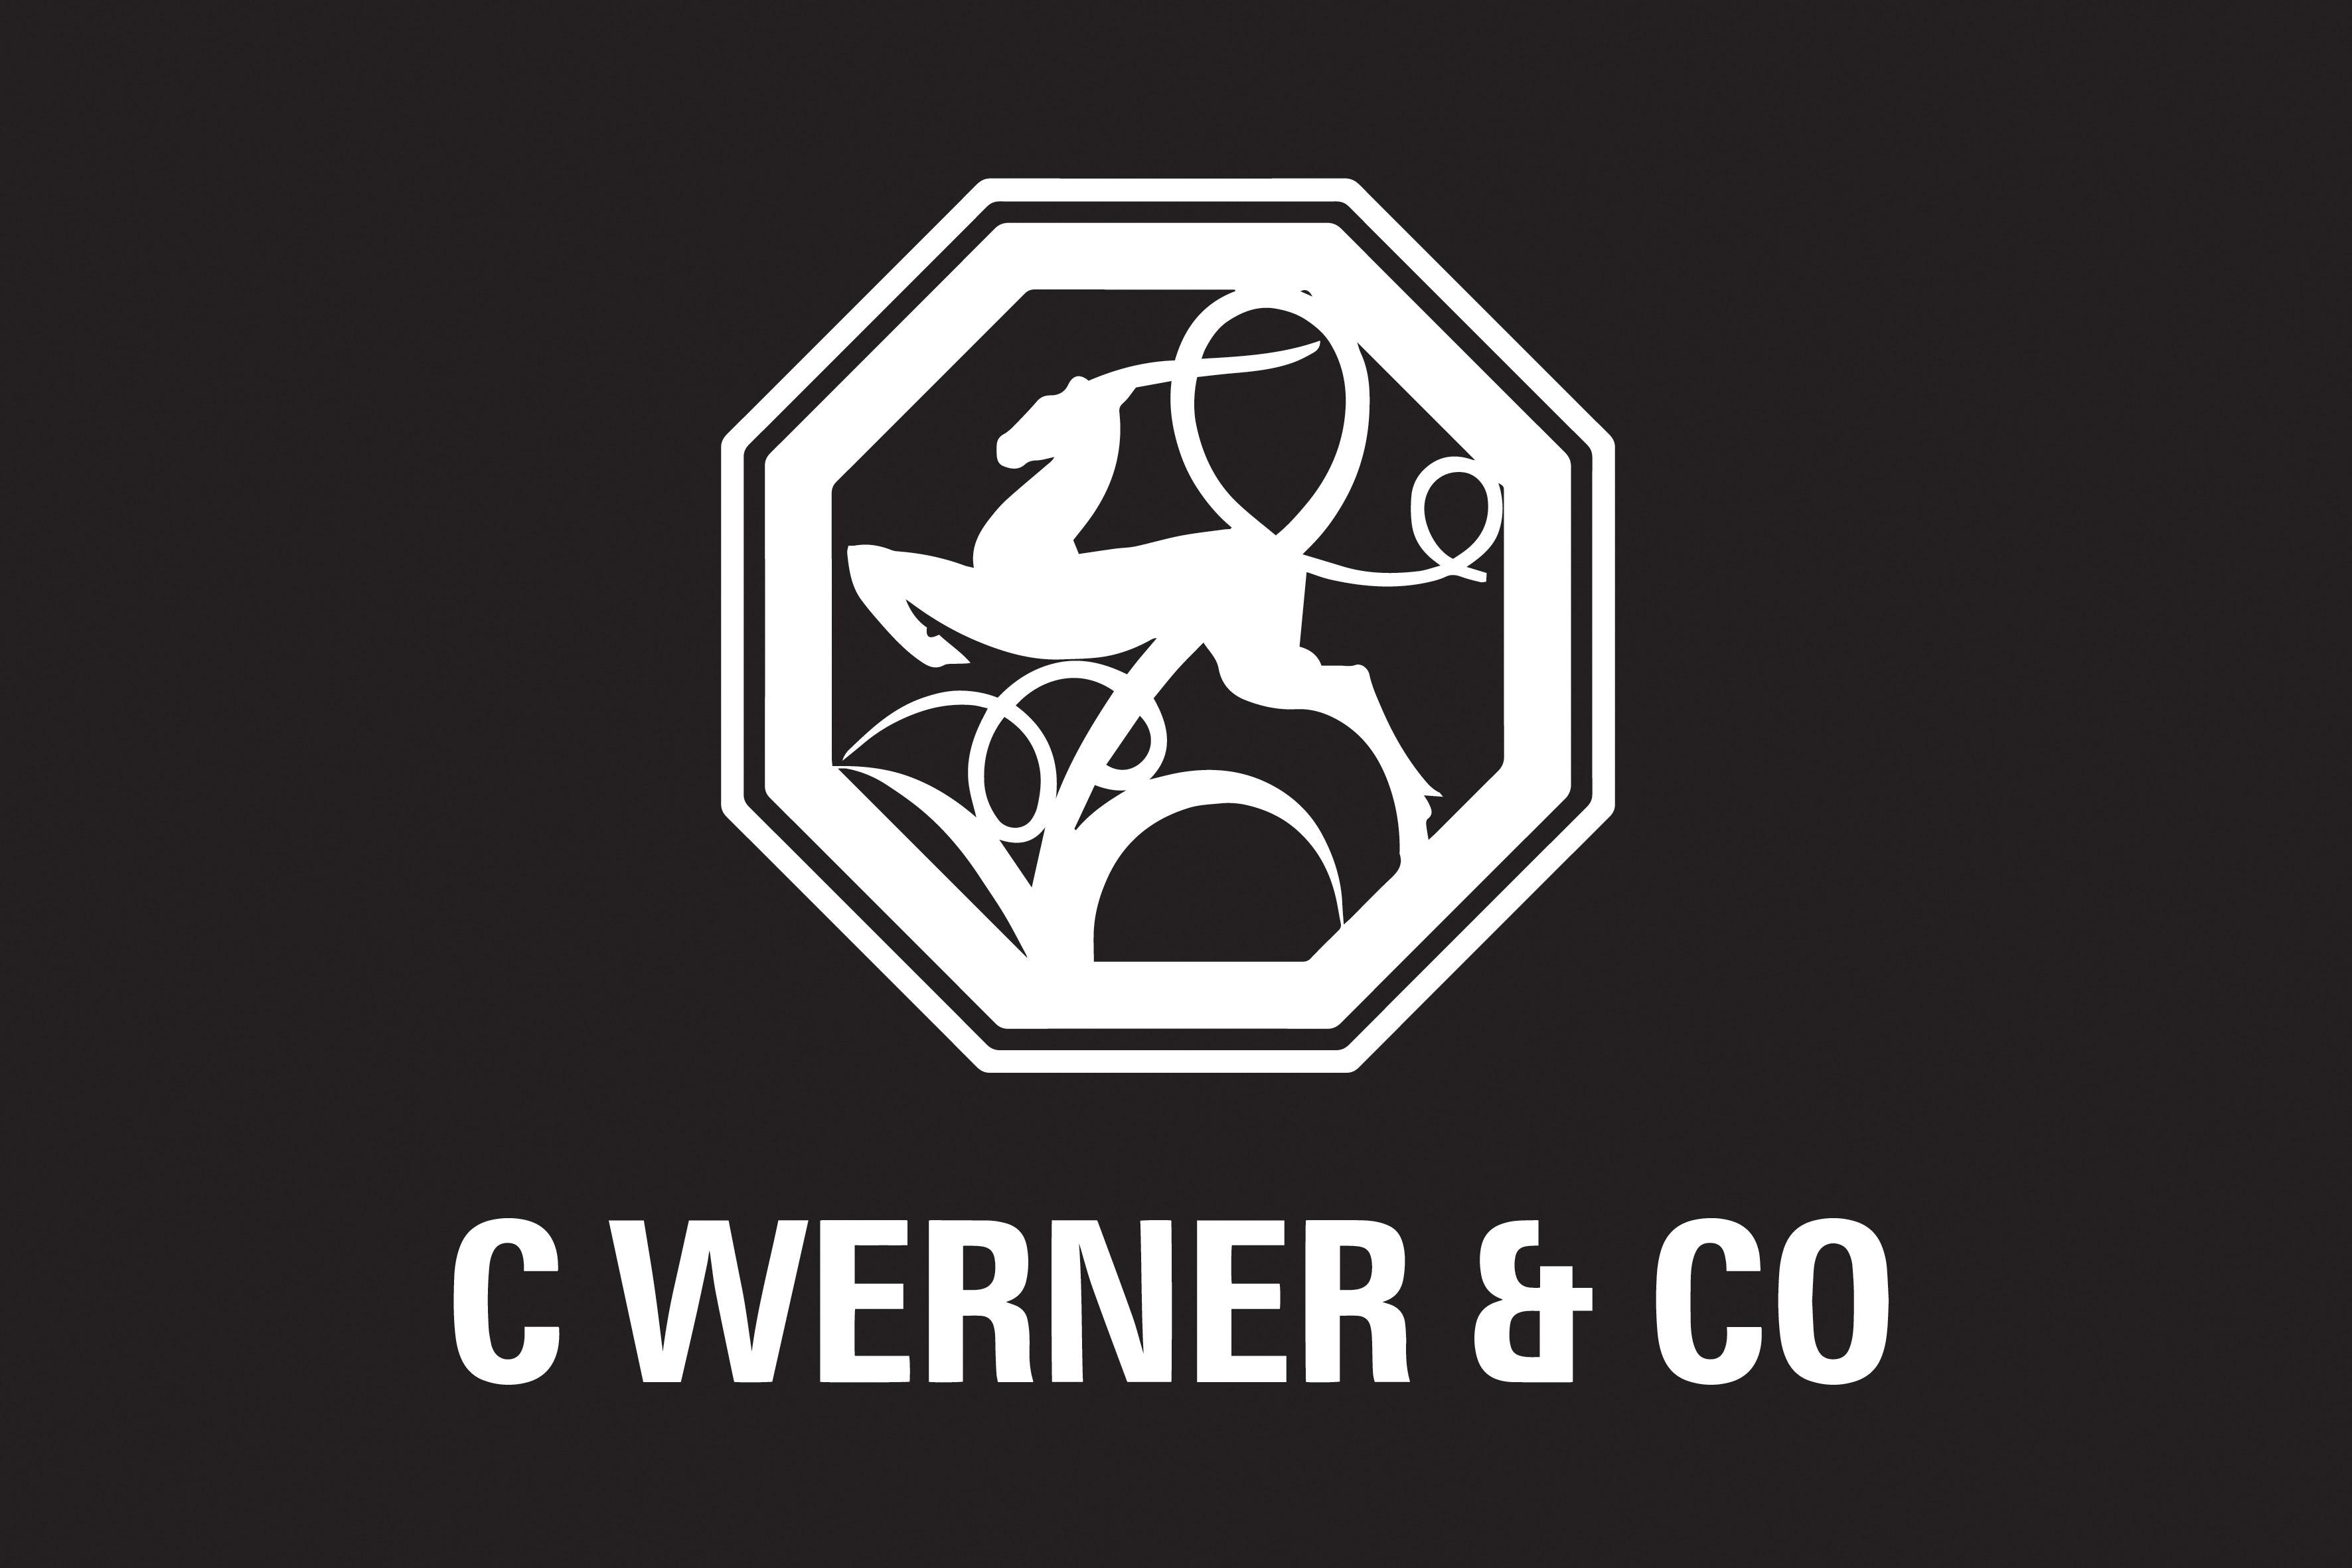 C. Werner & Co